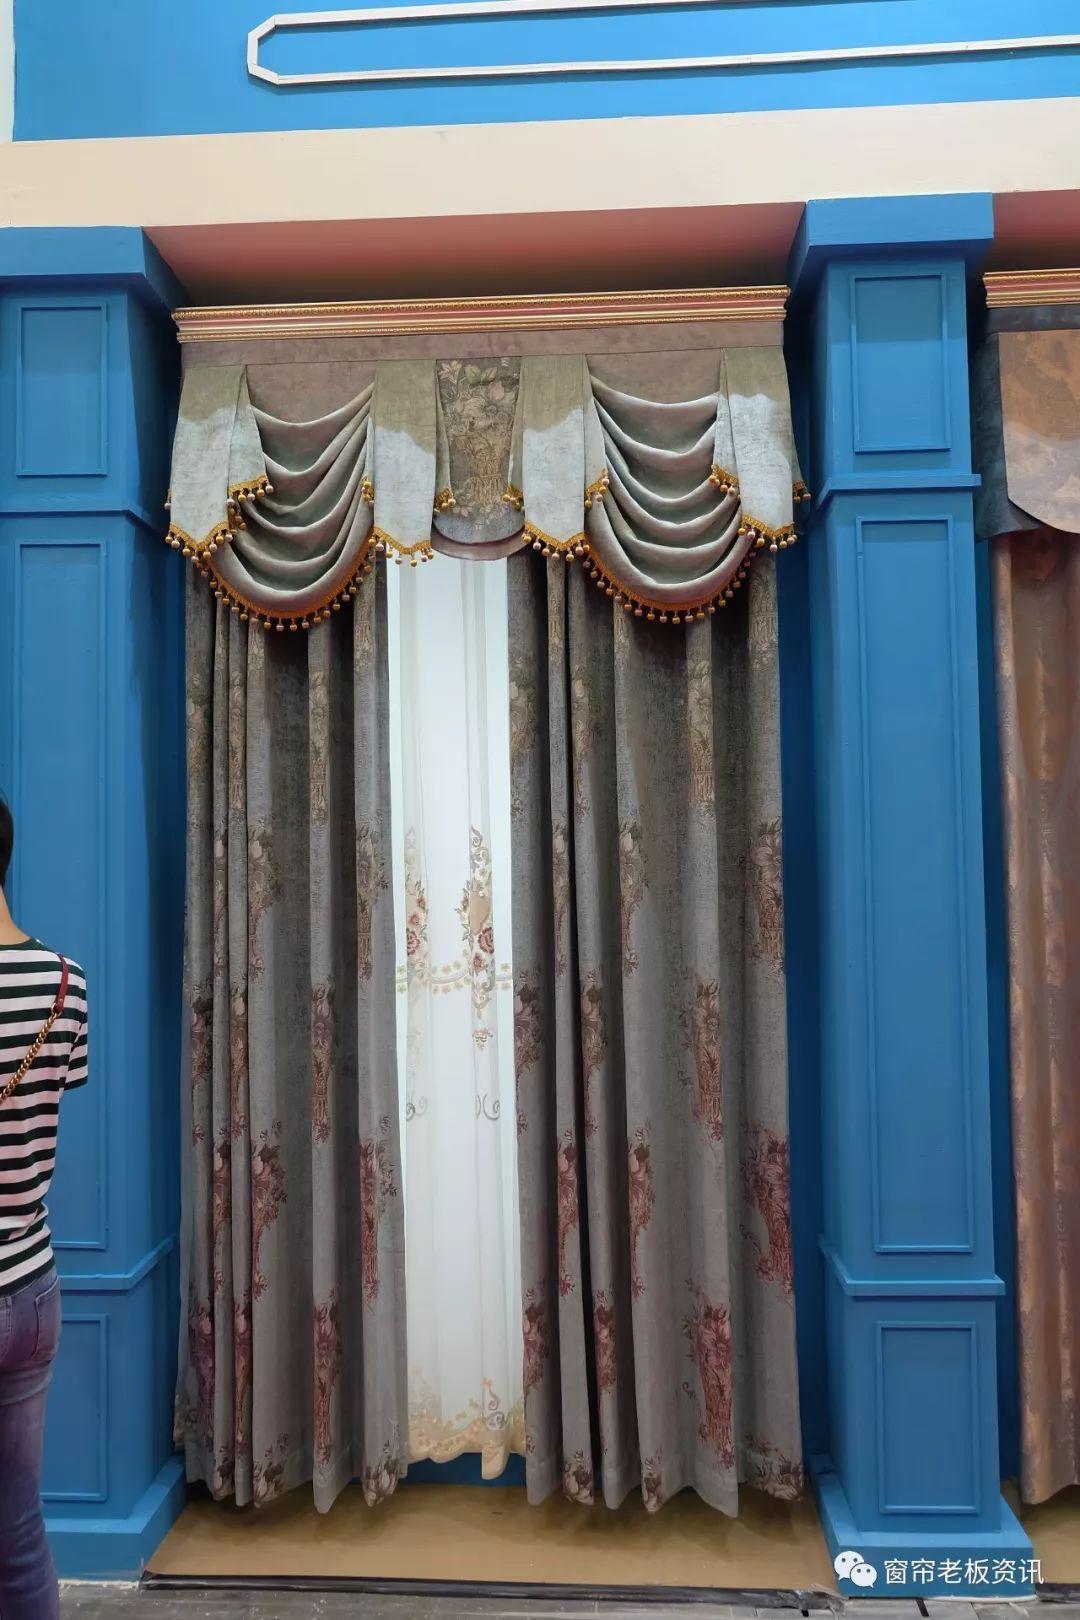 展会追踪 除了拼接窗帘,这5类窗帘必须借鉴下,尤其最后一种